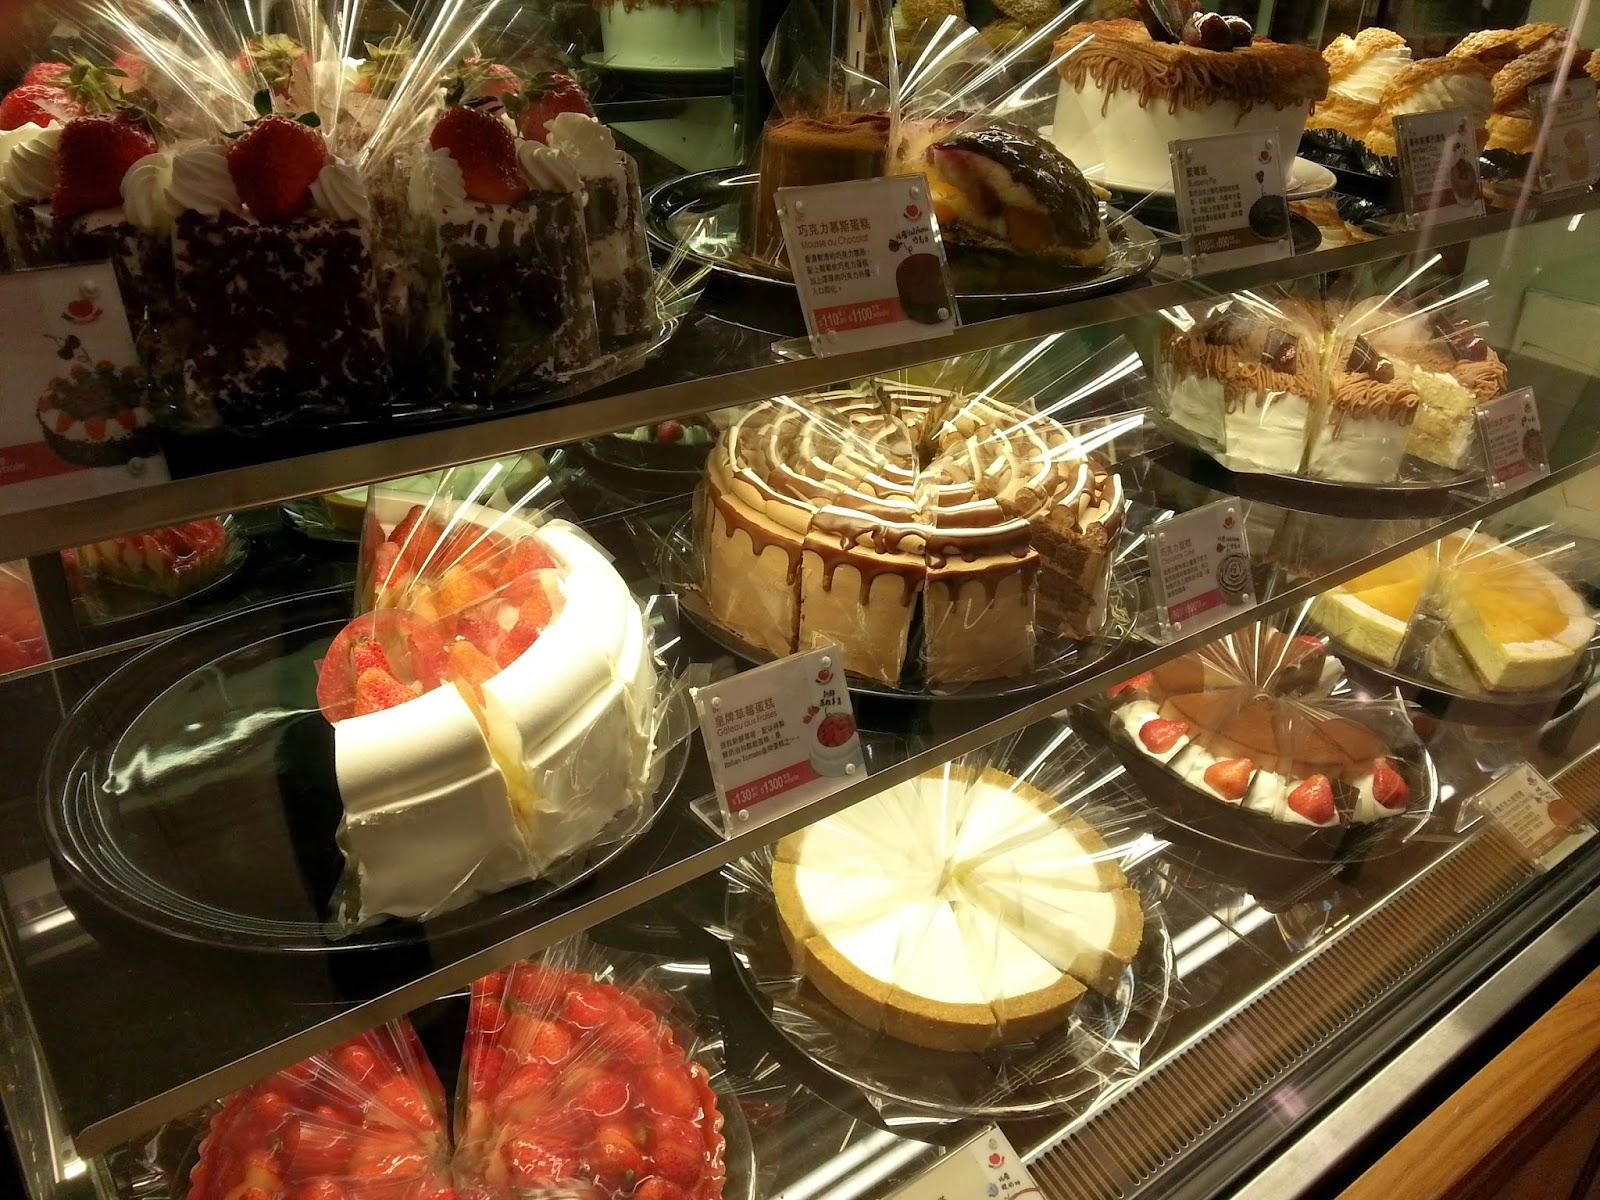 千年女王: ITALIAN TOMATO 蛋糕 / Coffee Superior E 餐廳